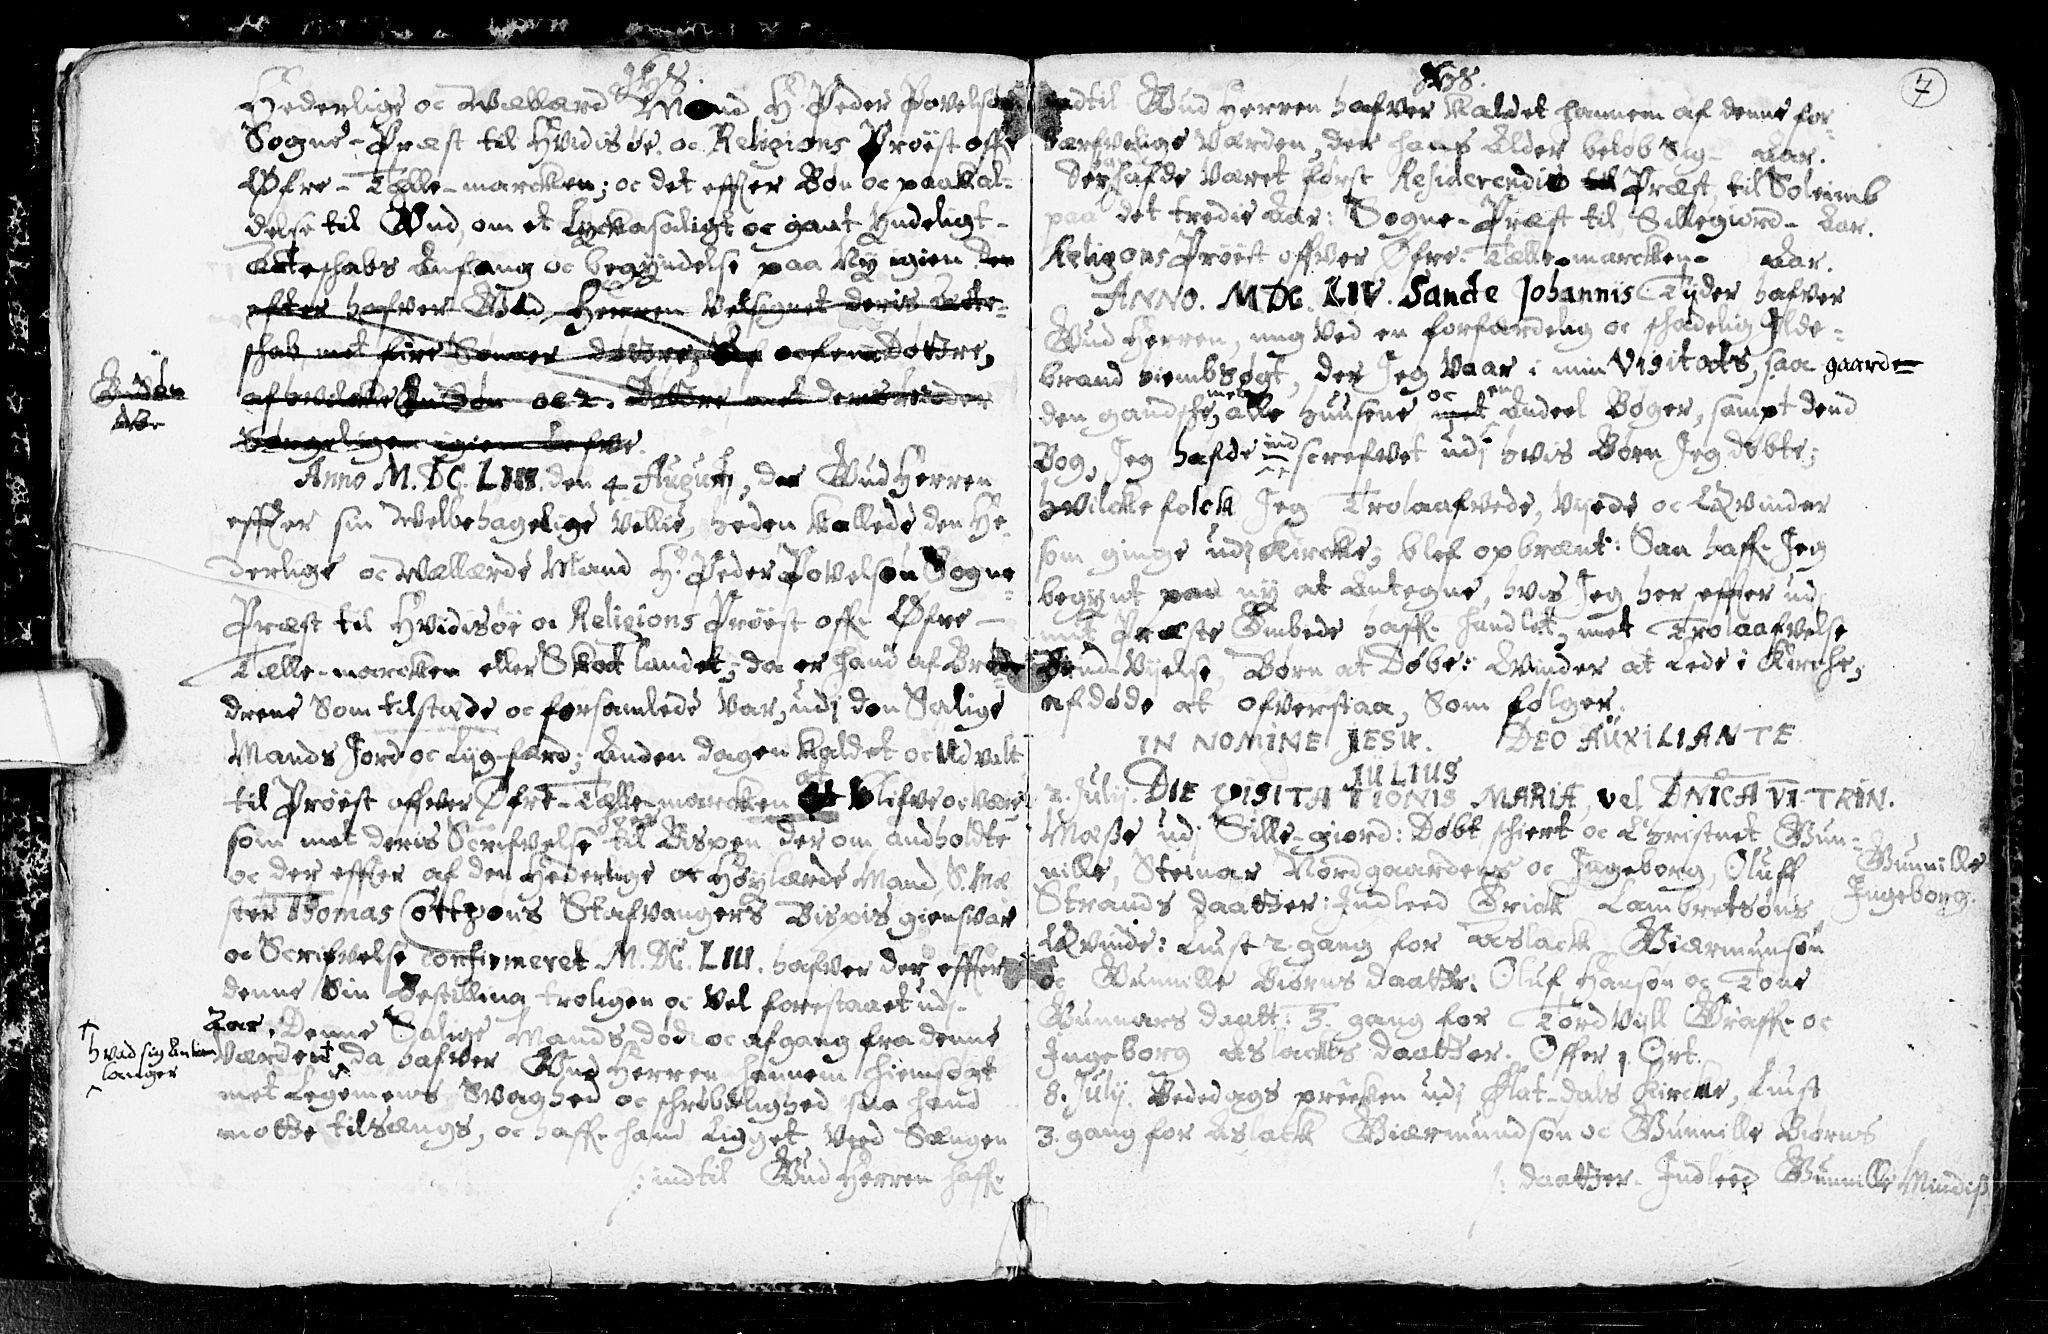 SAKO, Seljord kirkebøker, F/Fa/L0001: Ministerialbok nr. I 1, 1654-1686, s. 7